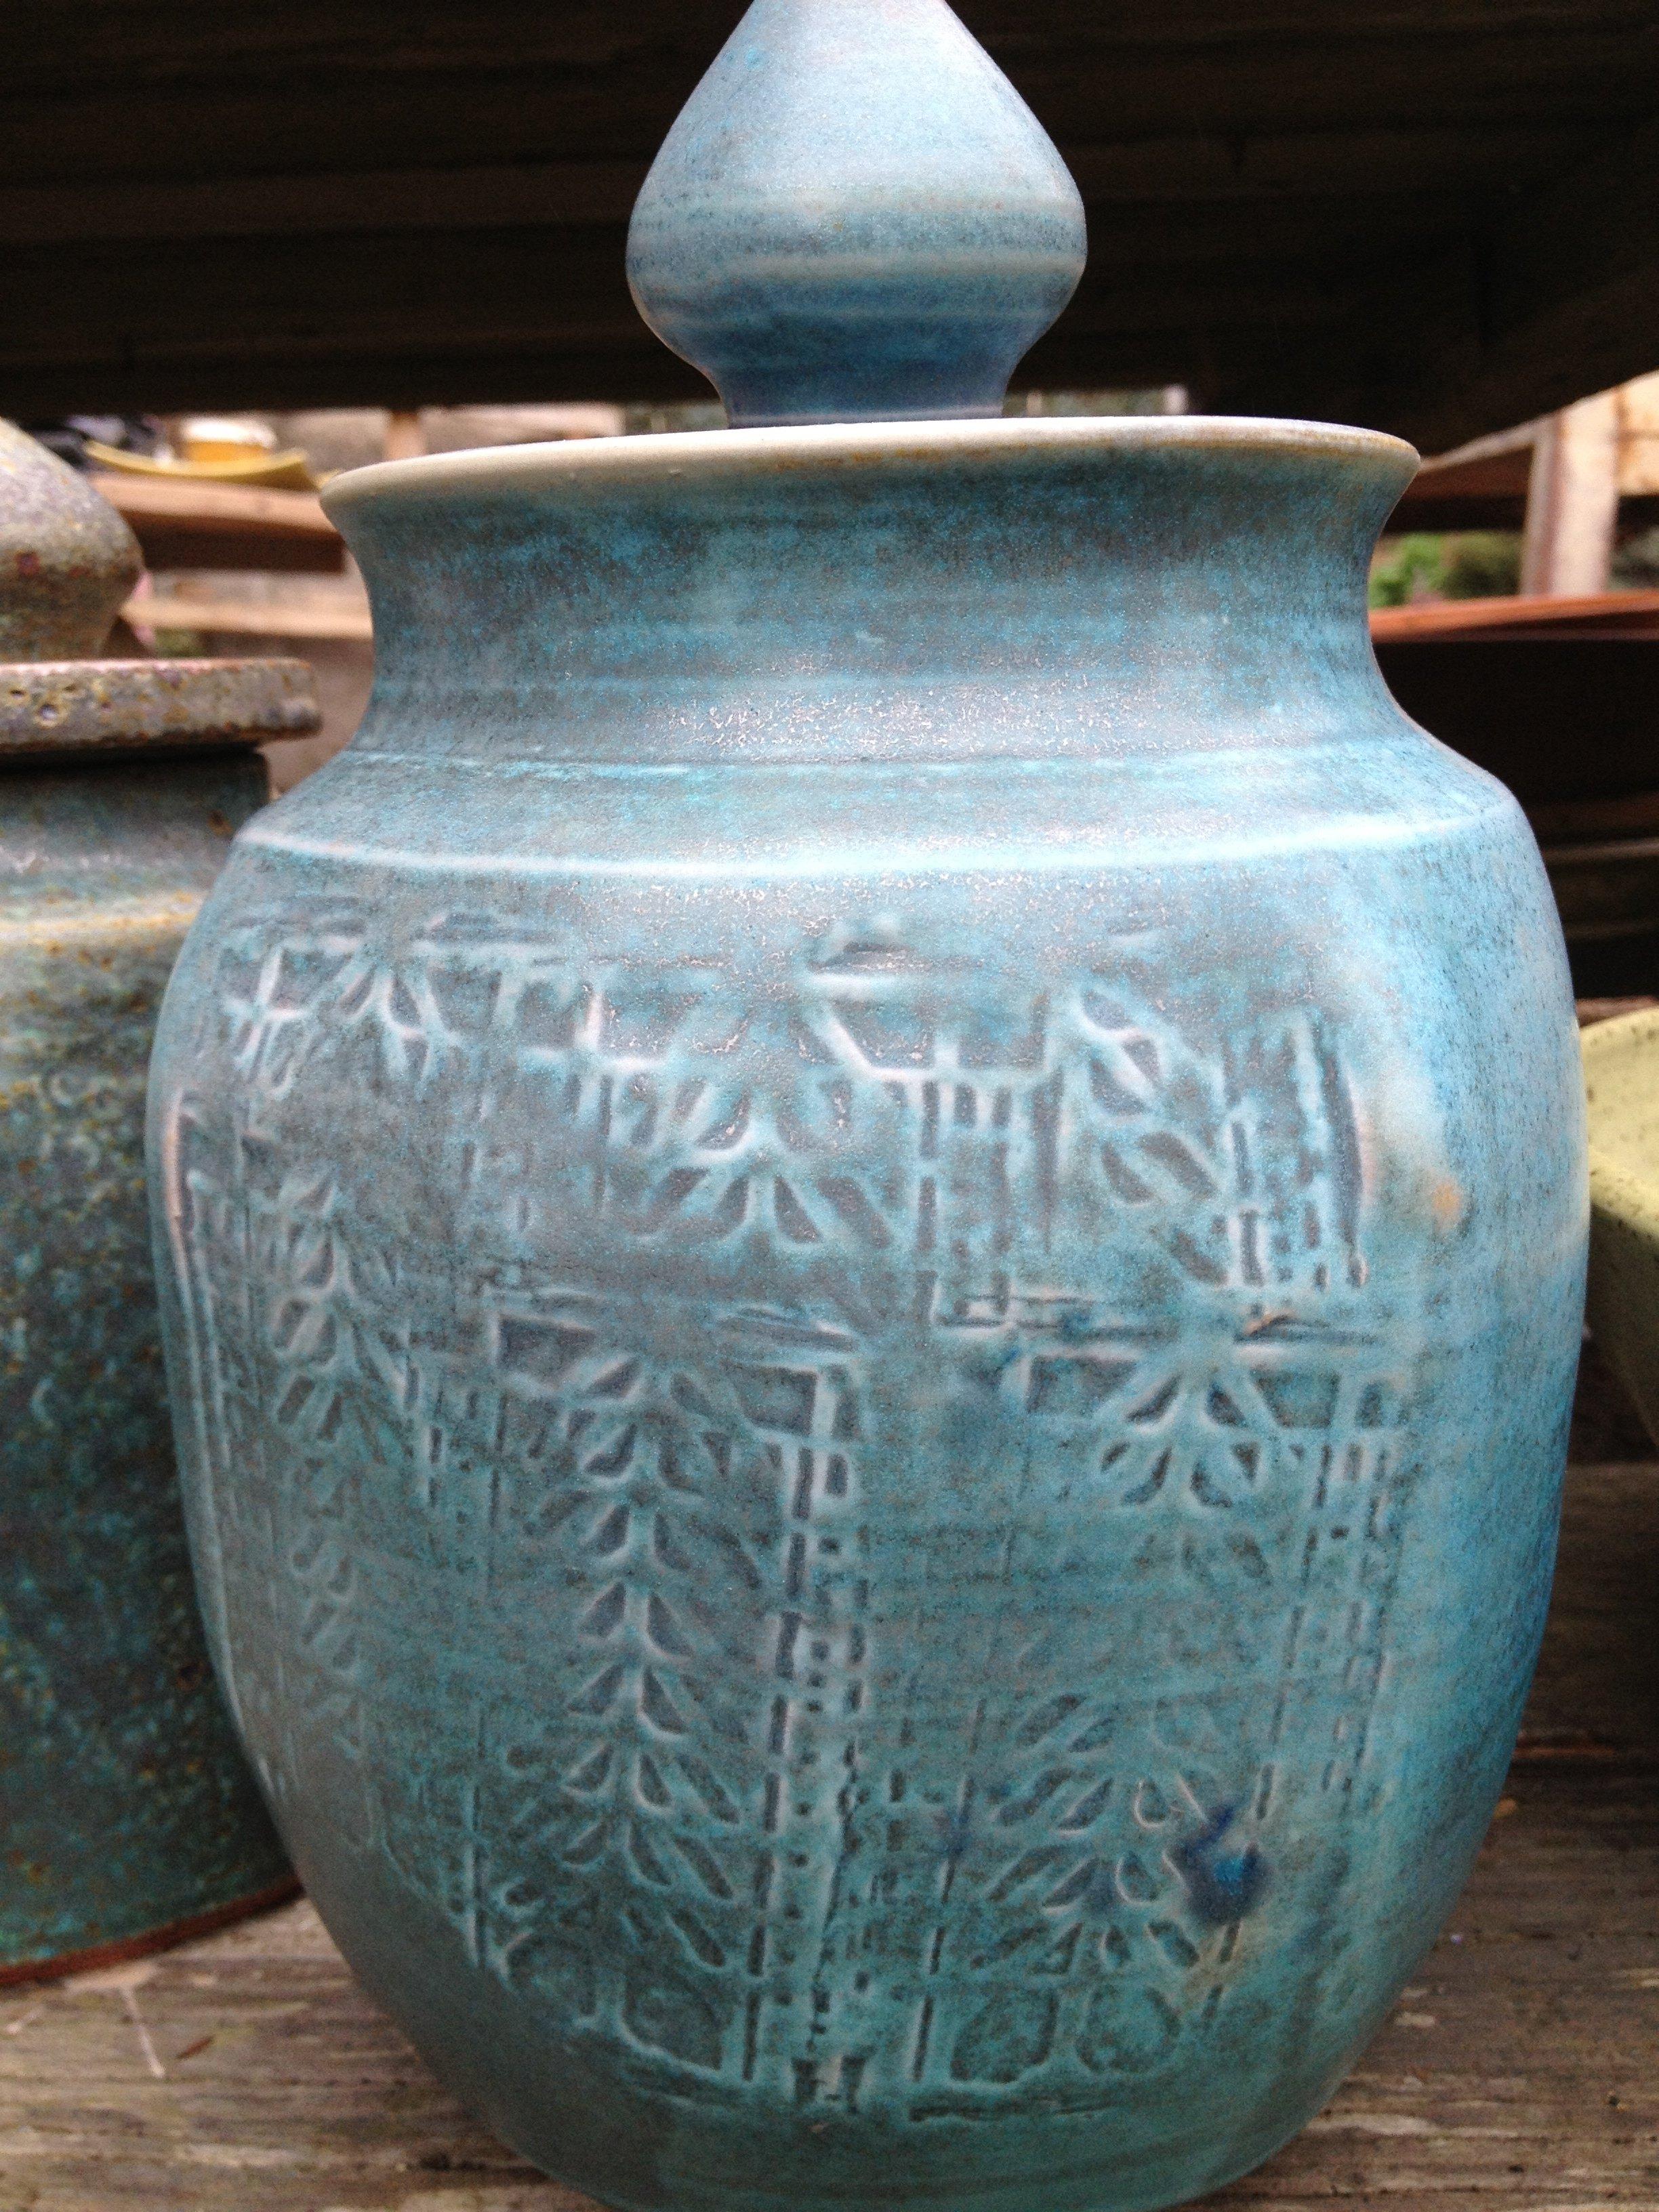 Frank Lloyd Wright-inspired Urn